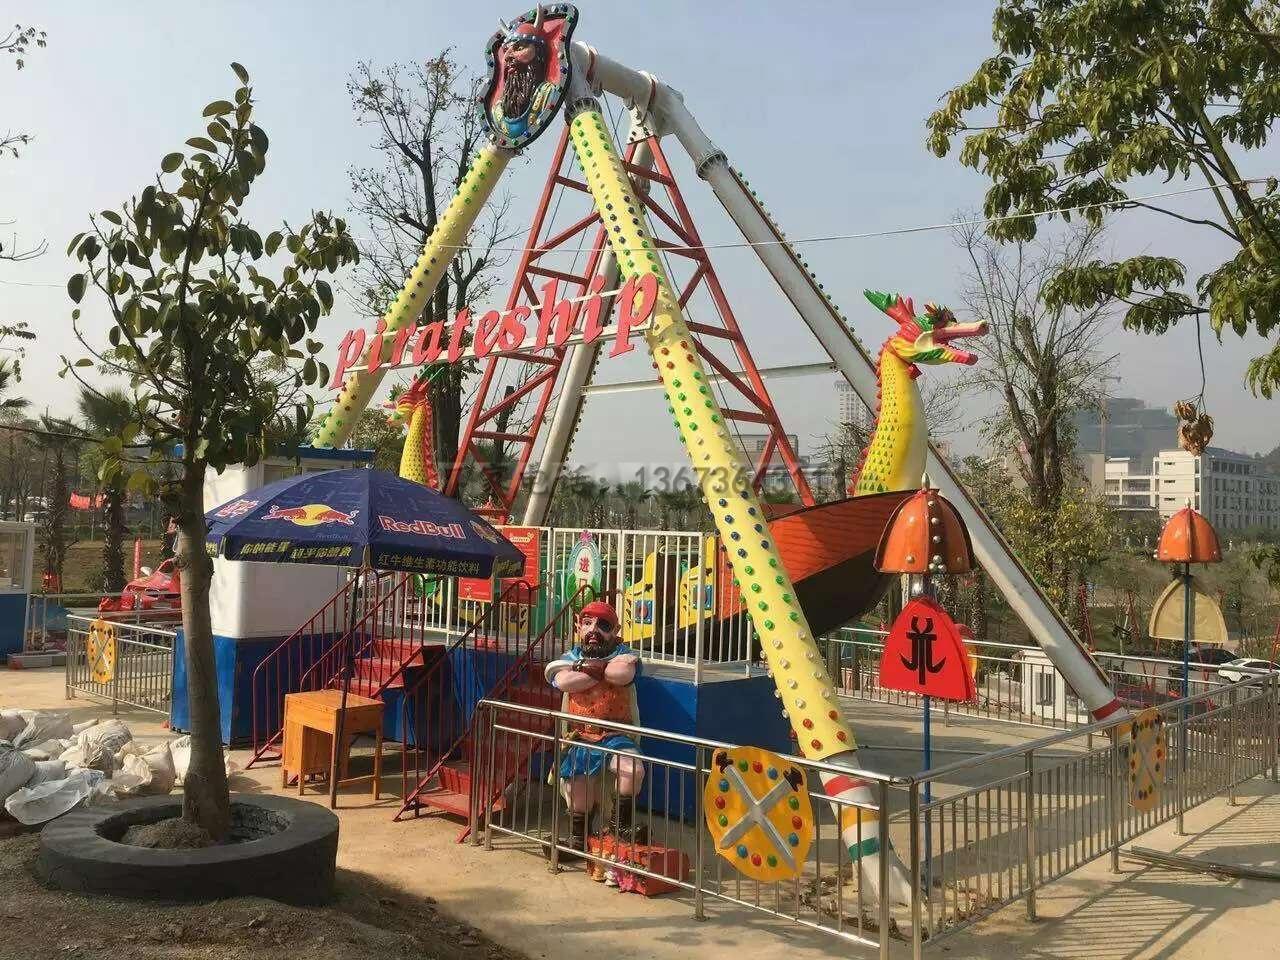 2020郑州大洋游乐设备8臂桑巴气球 儿童游乐厂家直销24座桑巴气球项目示例图53